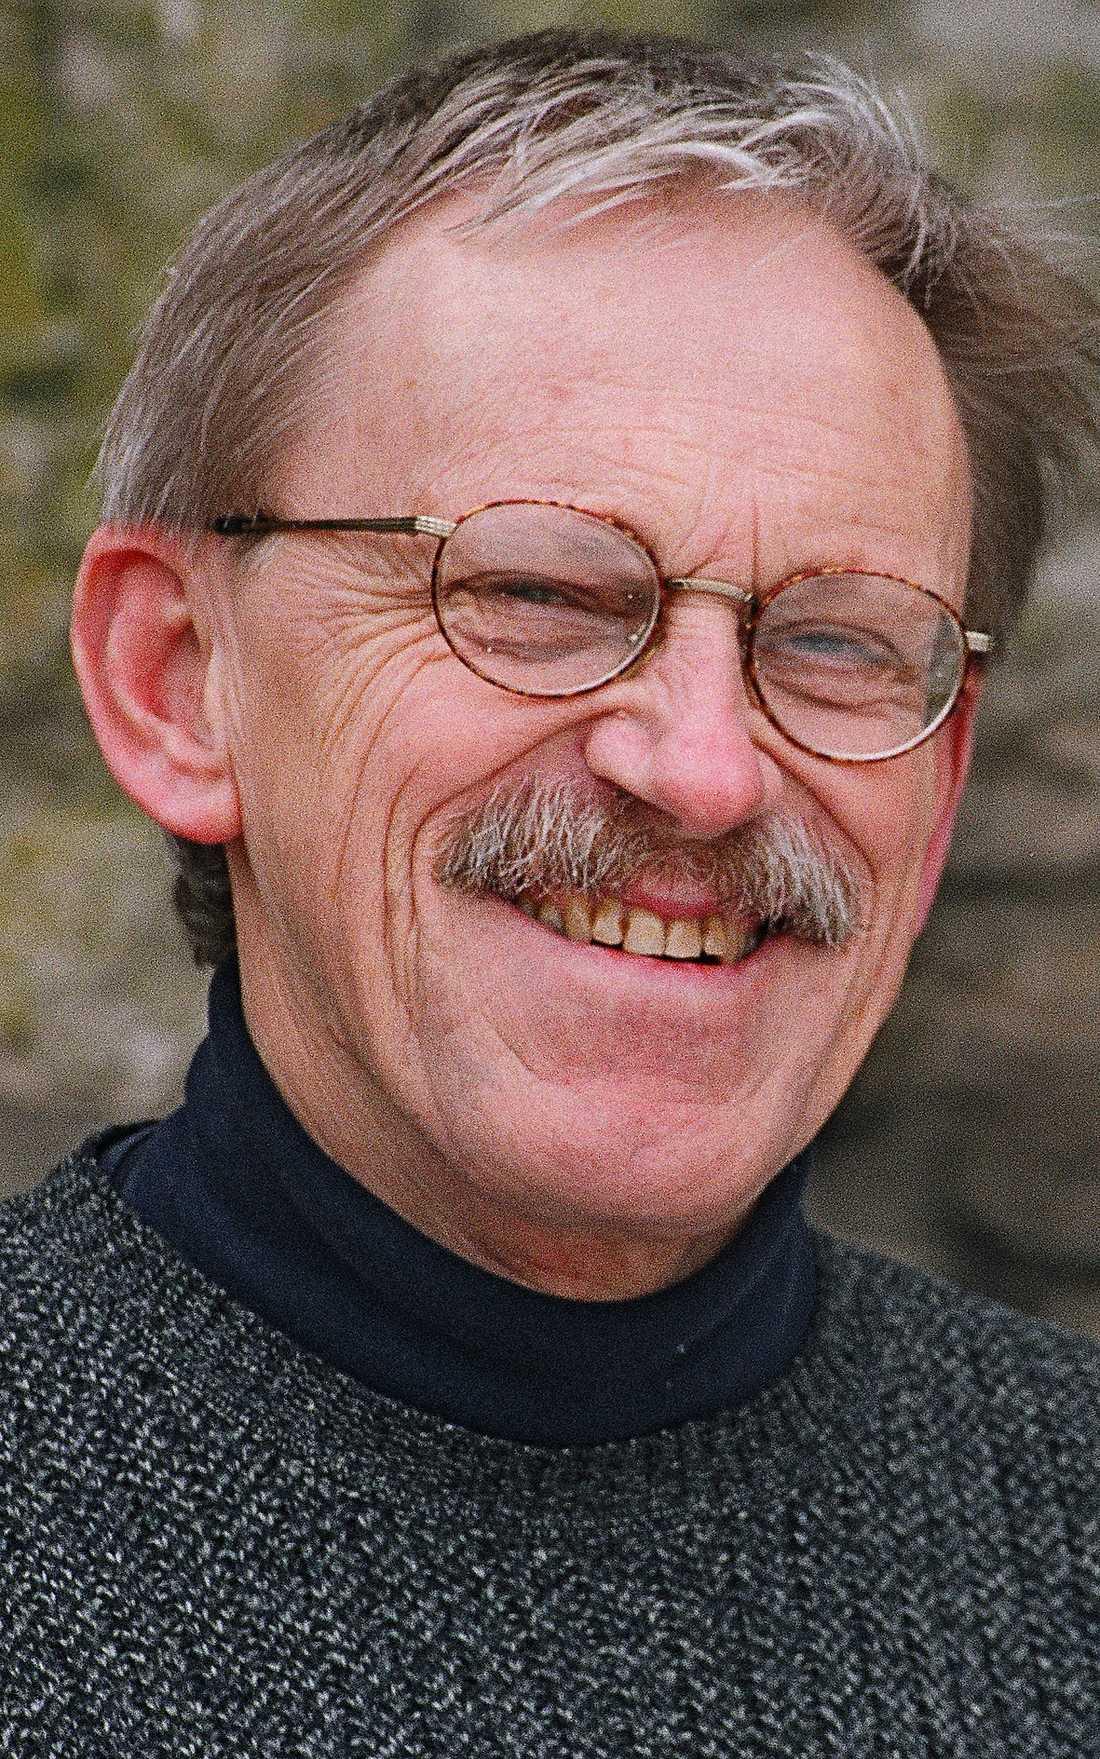 Håkan Anderson (född 1945) är bosatt på Gotland. Han debuterade vid nära 60 års ålder 2004.